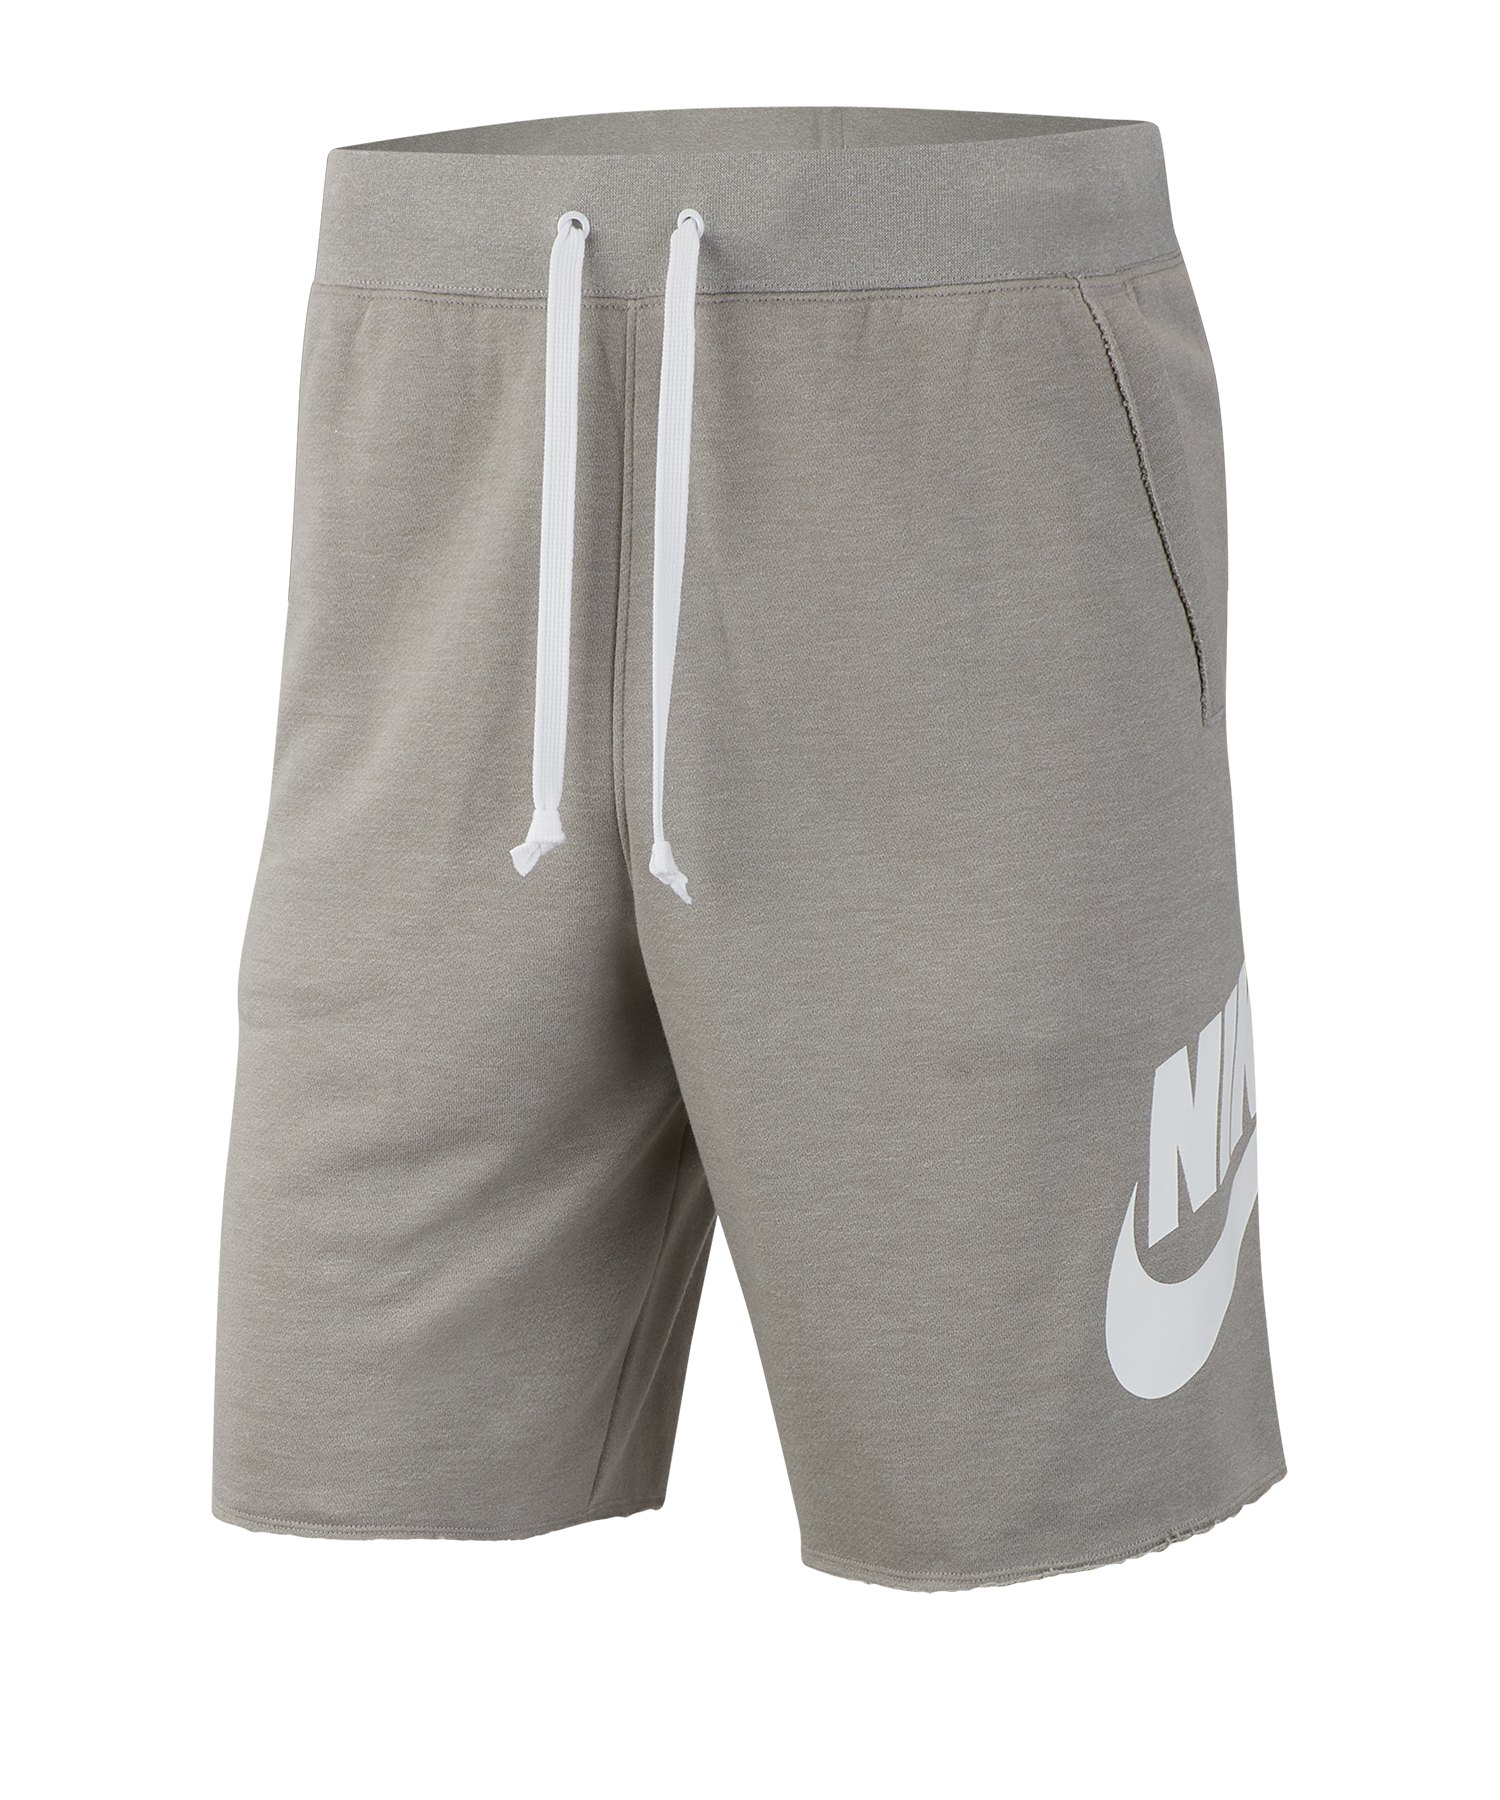 Nike Short Hose kurz Grau Weiss F064 - Grau